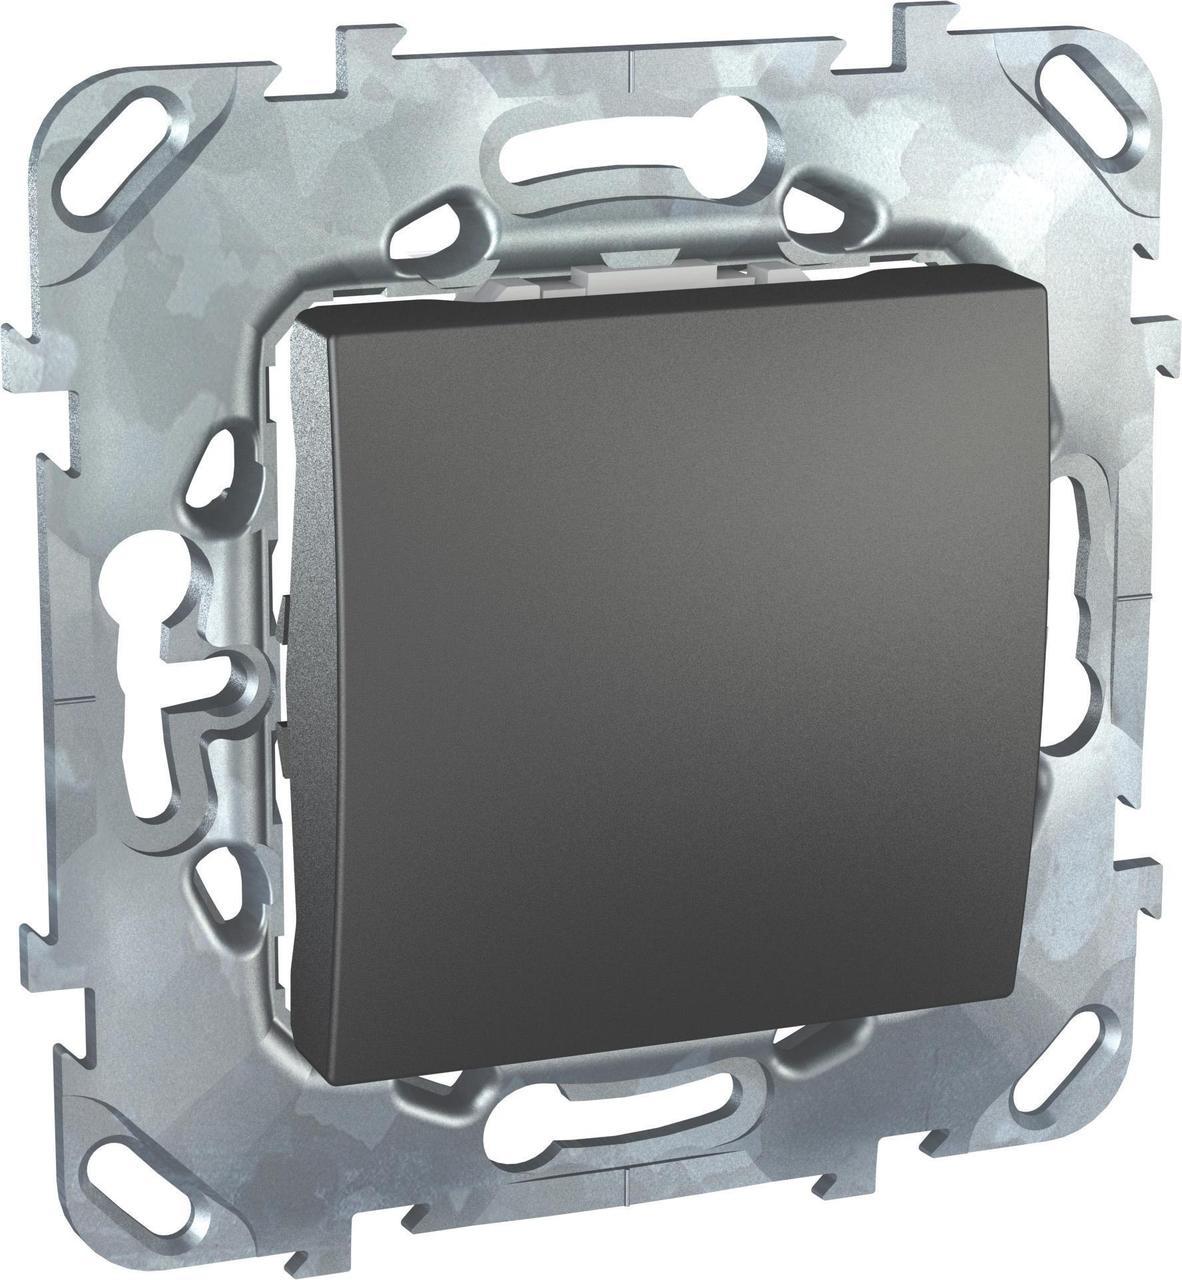 Выключатель 1-клавишный; кнопочный , Графит, серия UNICA TOP/CLASS, Schneider Electric